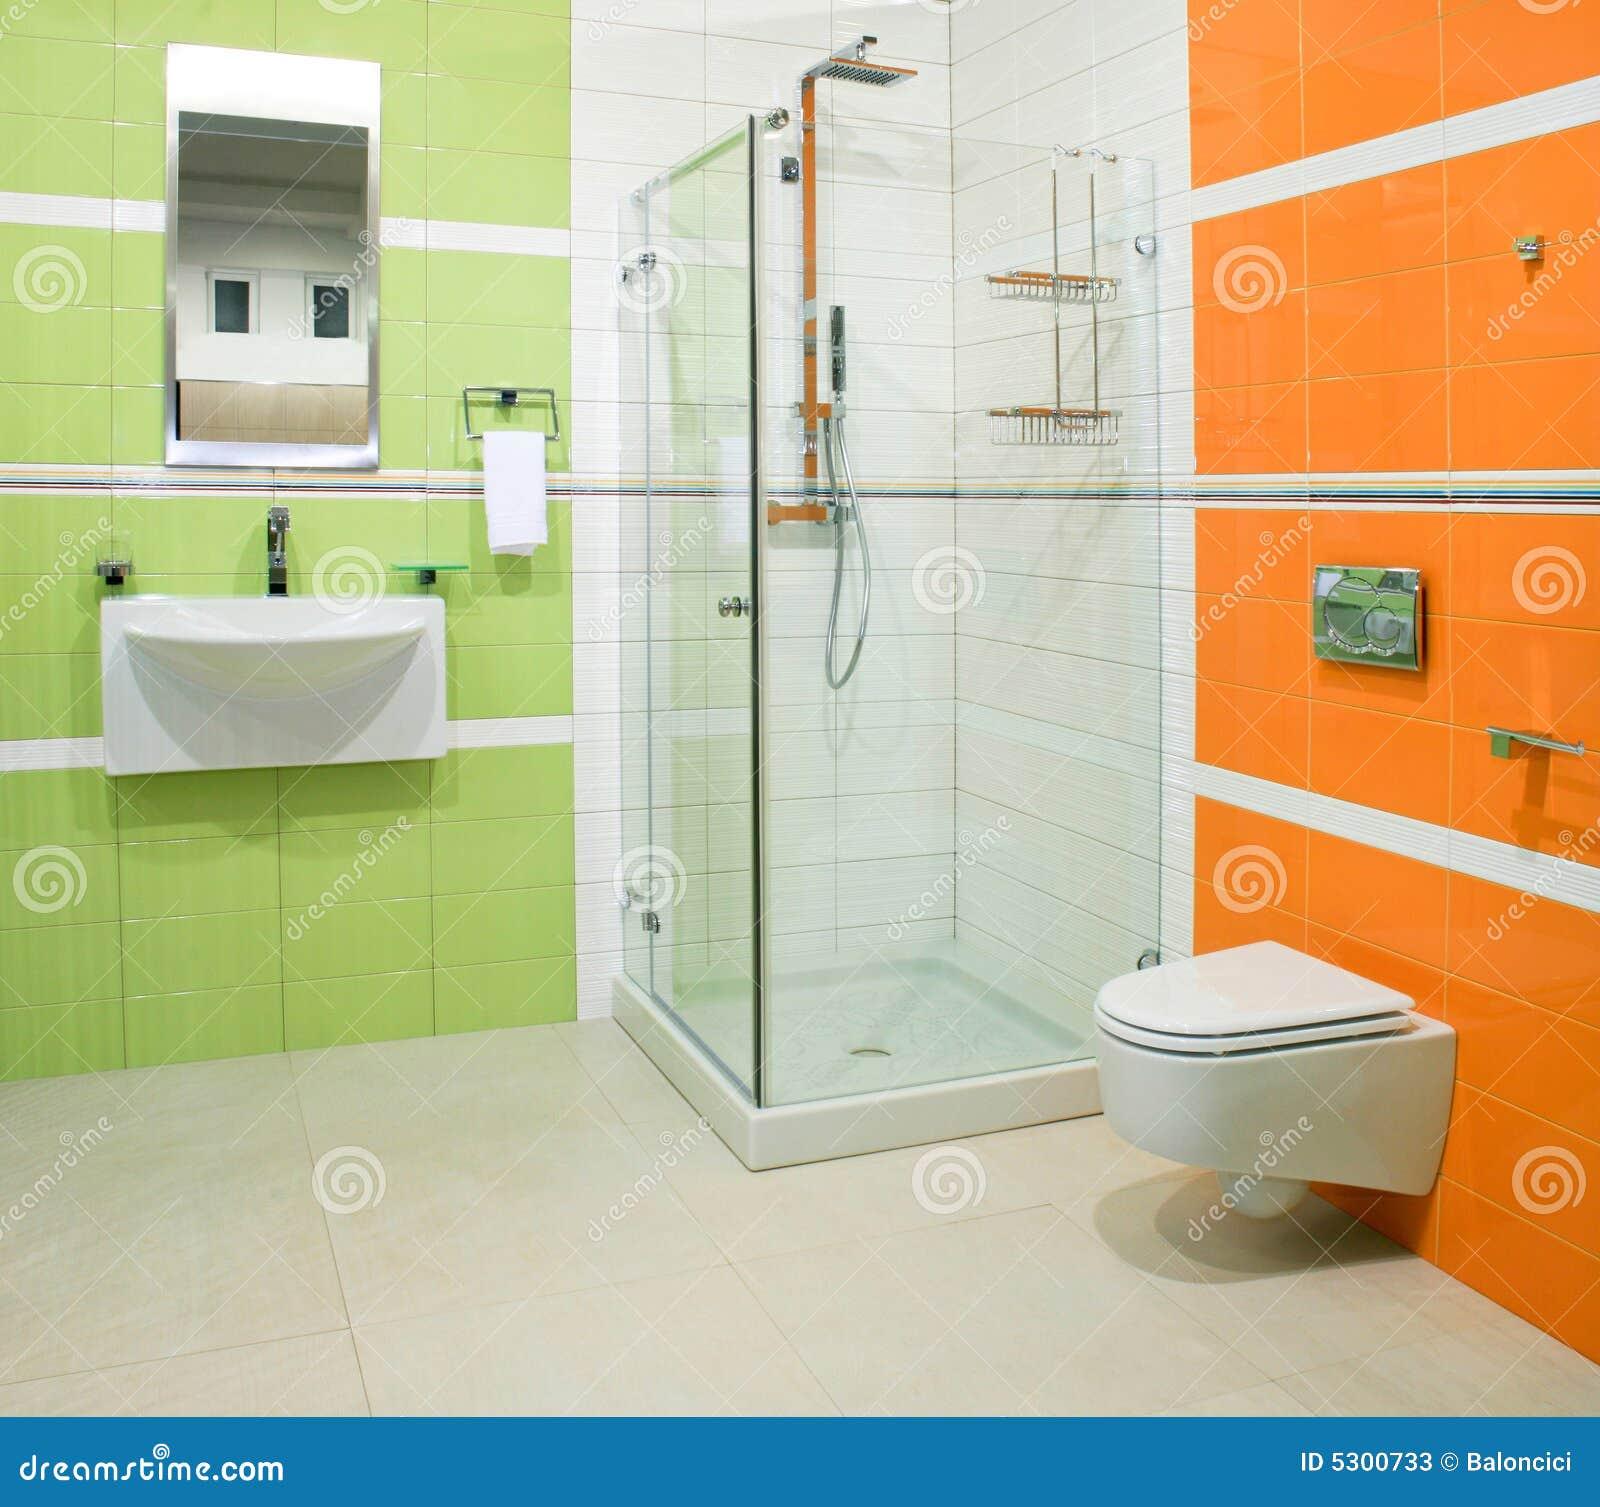 Download Verde ed arancio immagine stock. Immagine di disegno, lifestyle - 5300733